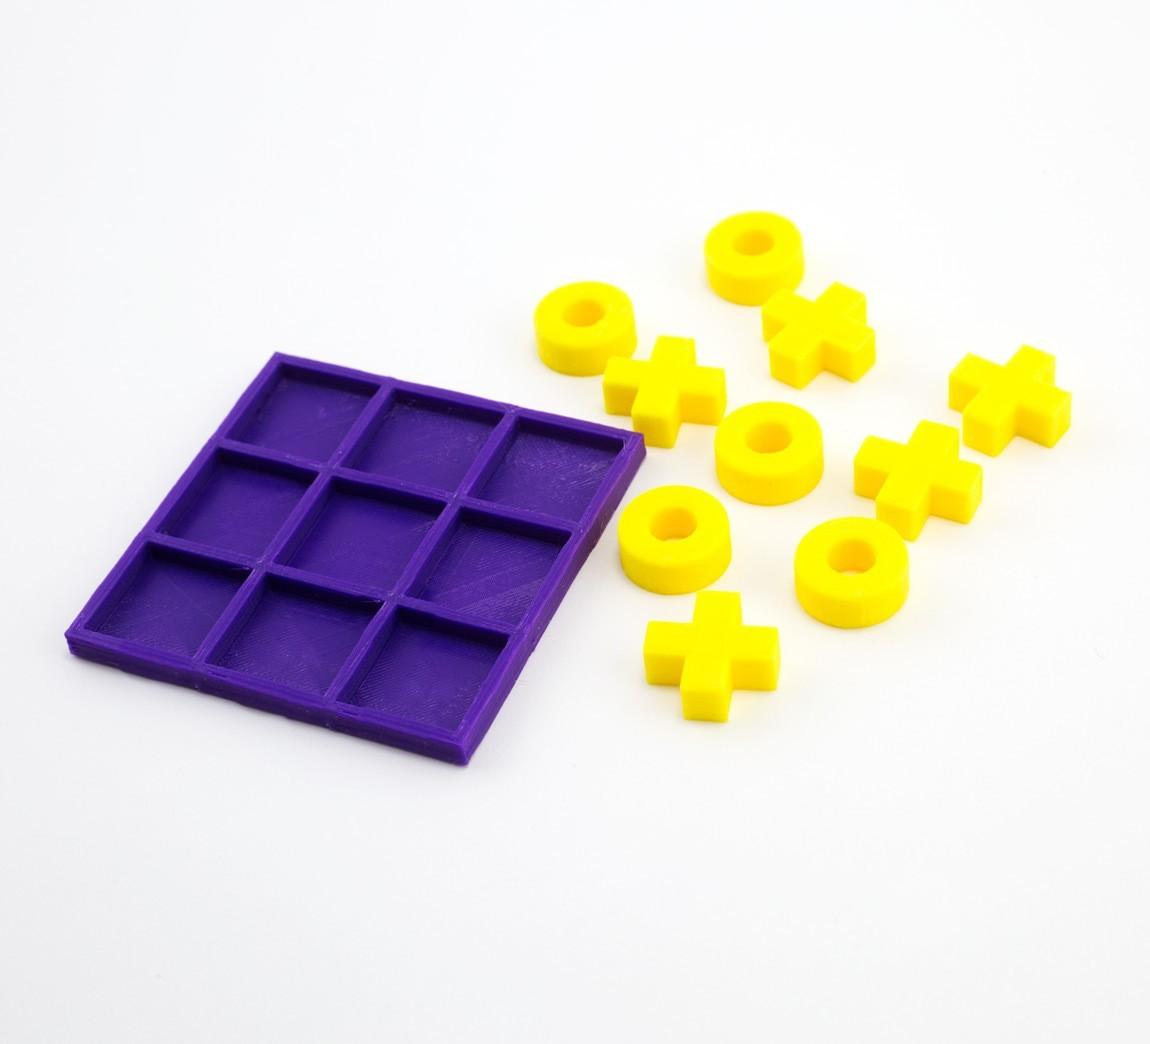 8bf1a116fb323d1c4b440998994d330c_1444428959715_NMD000095d.jpg Download free STL file Tic-Tac-Toe • Template to 3D print, FerryTeacher